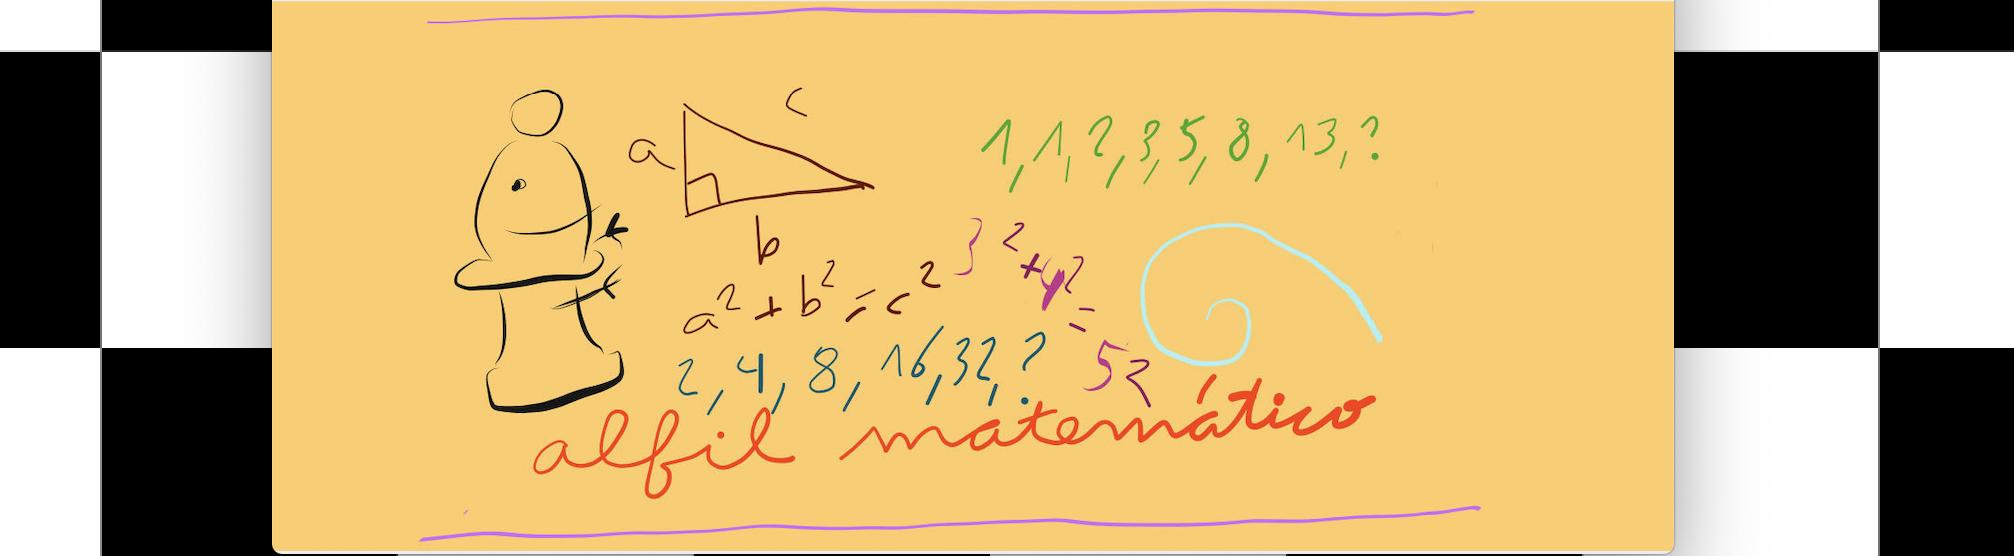 El alfil matemático